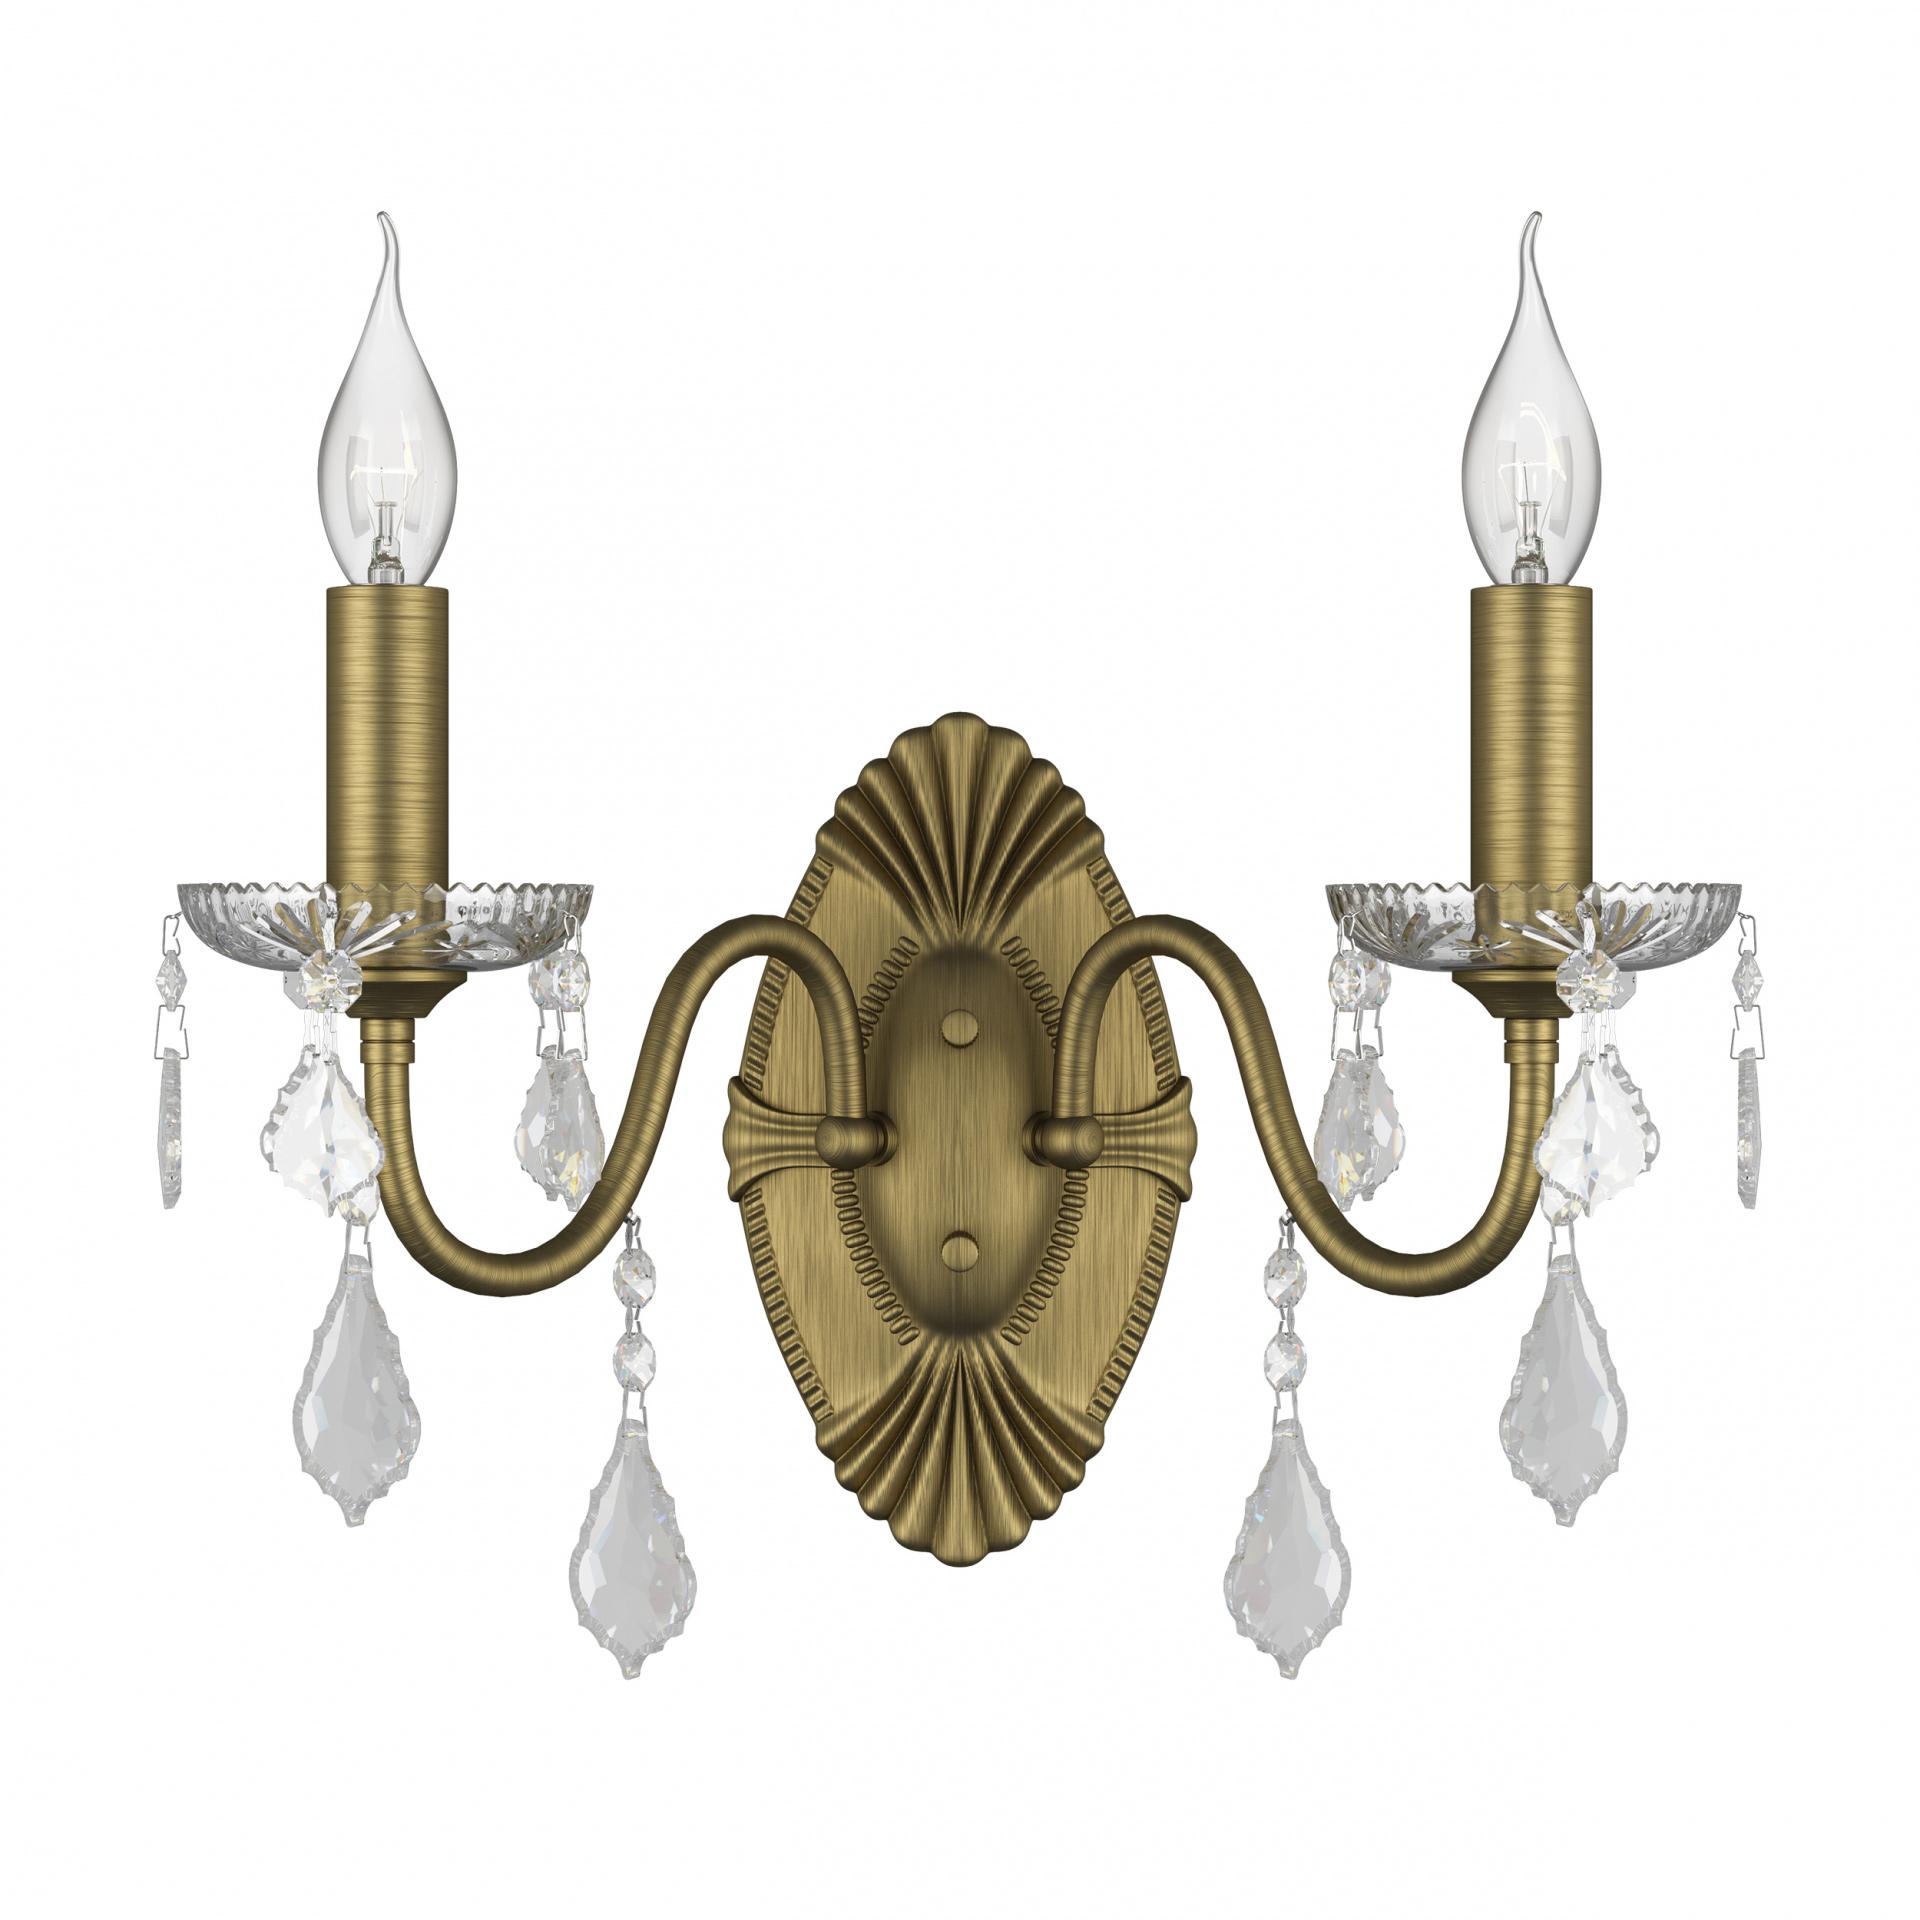 Бра Classic 2х60W E14 бронза Osgona 700621, купить в СПб, Москве, с доставкой, Санкт-Петербург, интернет-магазин люстр и светильников Starlight, фото в жизни